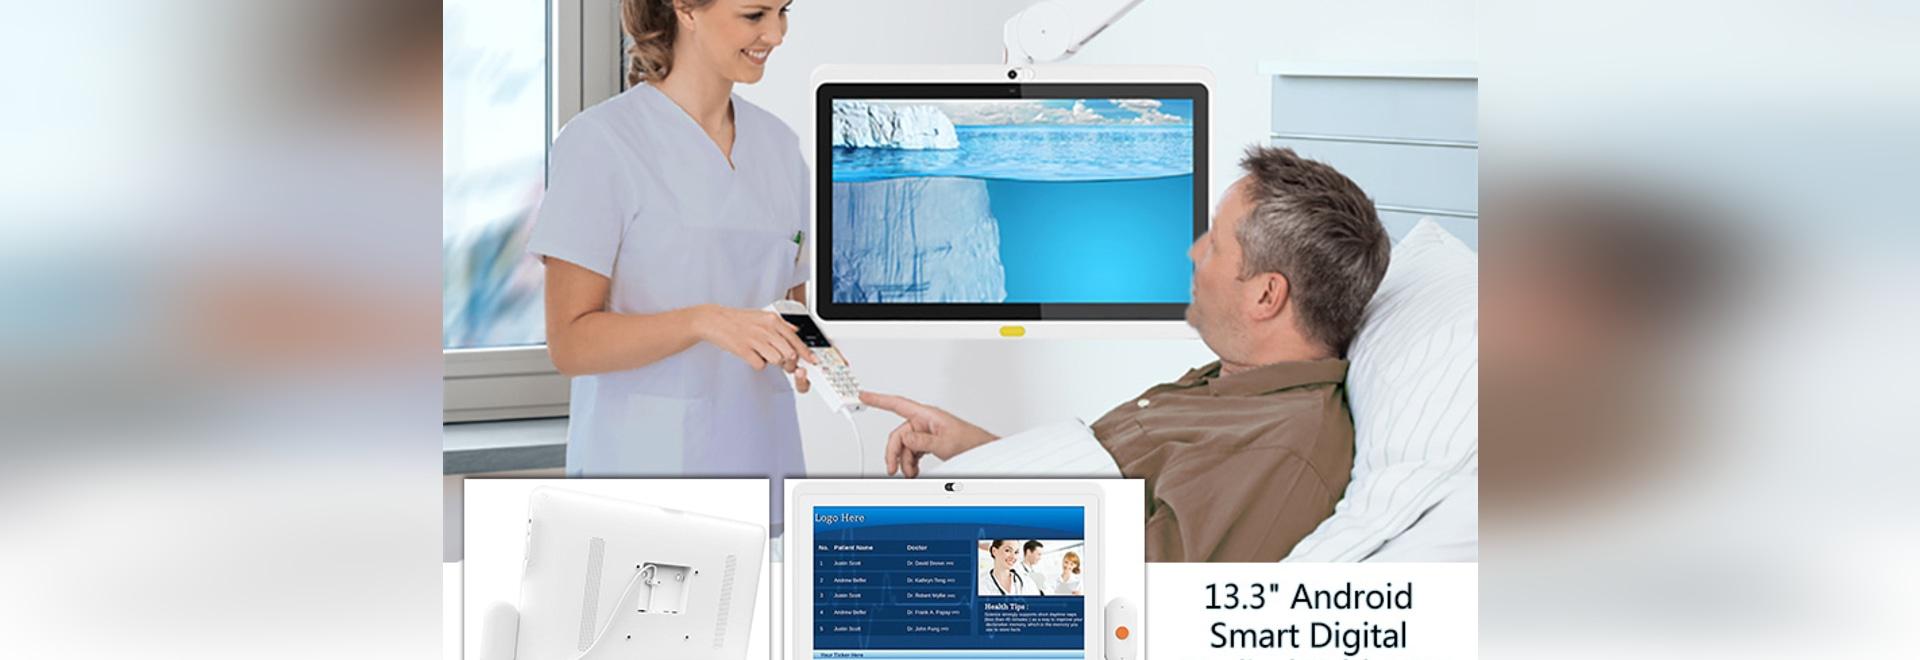 Hengstar Neues Produkt - Medizinische intelligente Tablette